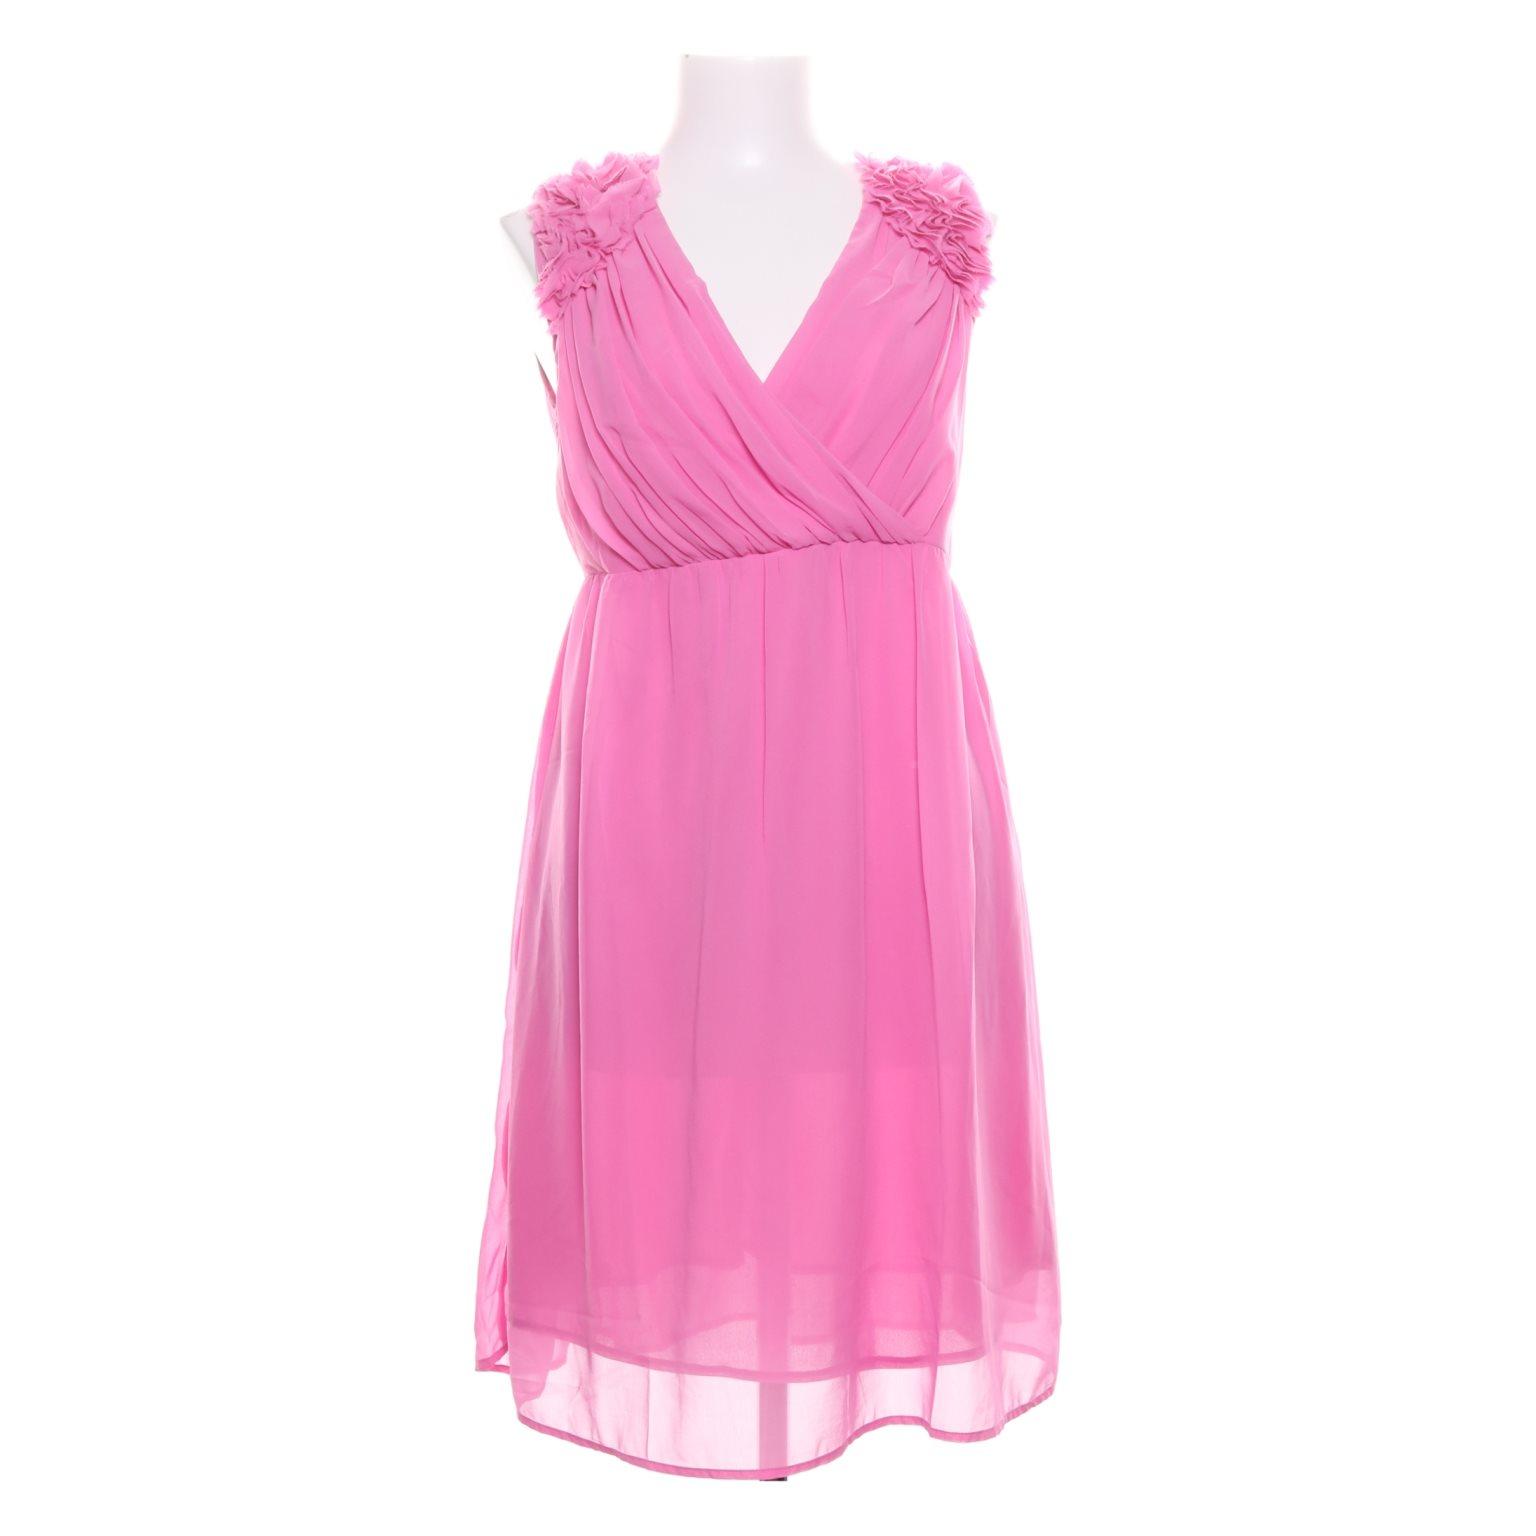 546ef4f56d87 Rosa klänning vero moda